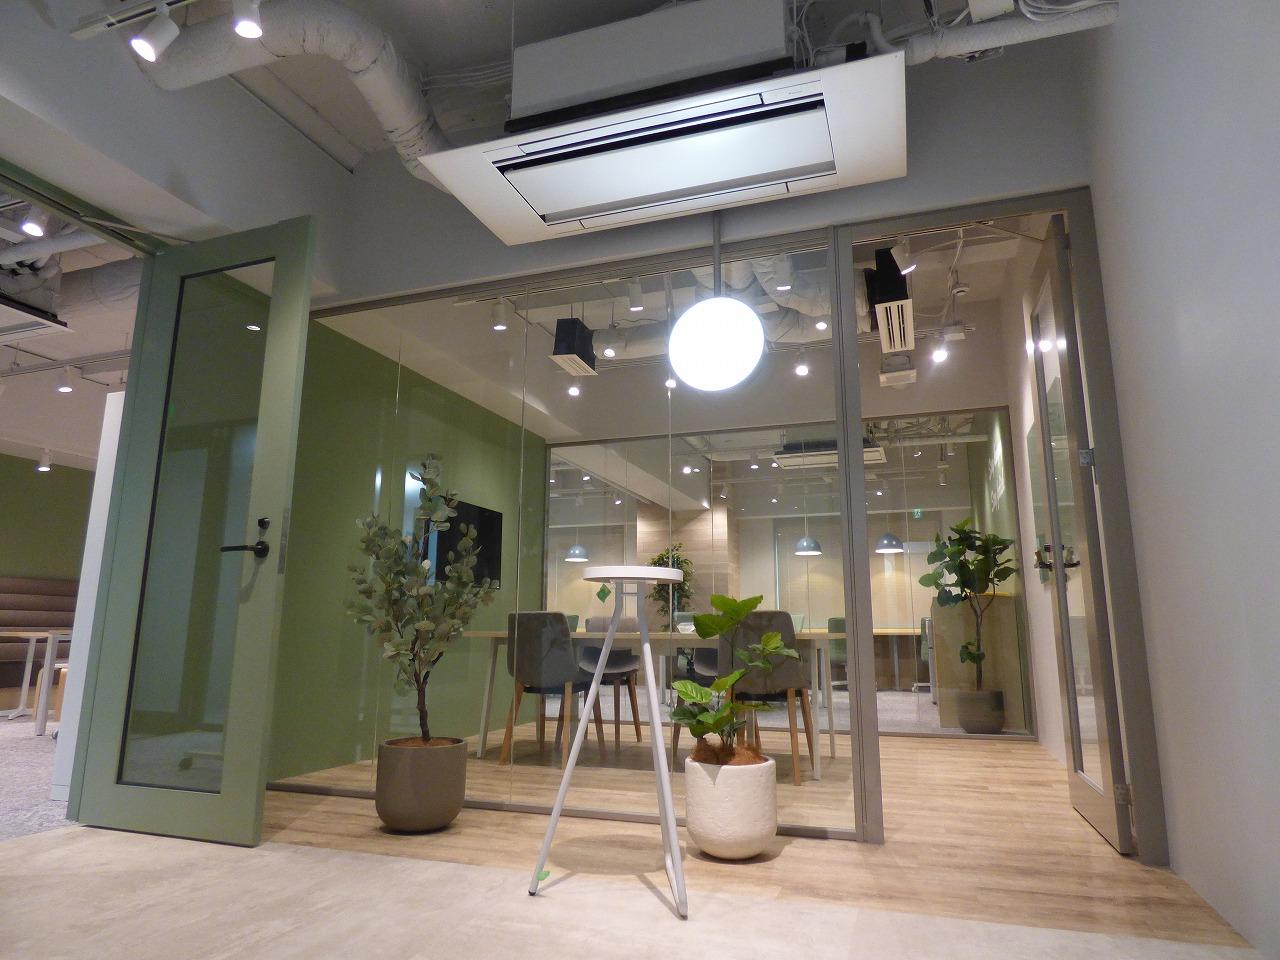 【セットアップ】カフェのような温かみのあるセットアップオフィス